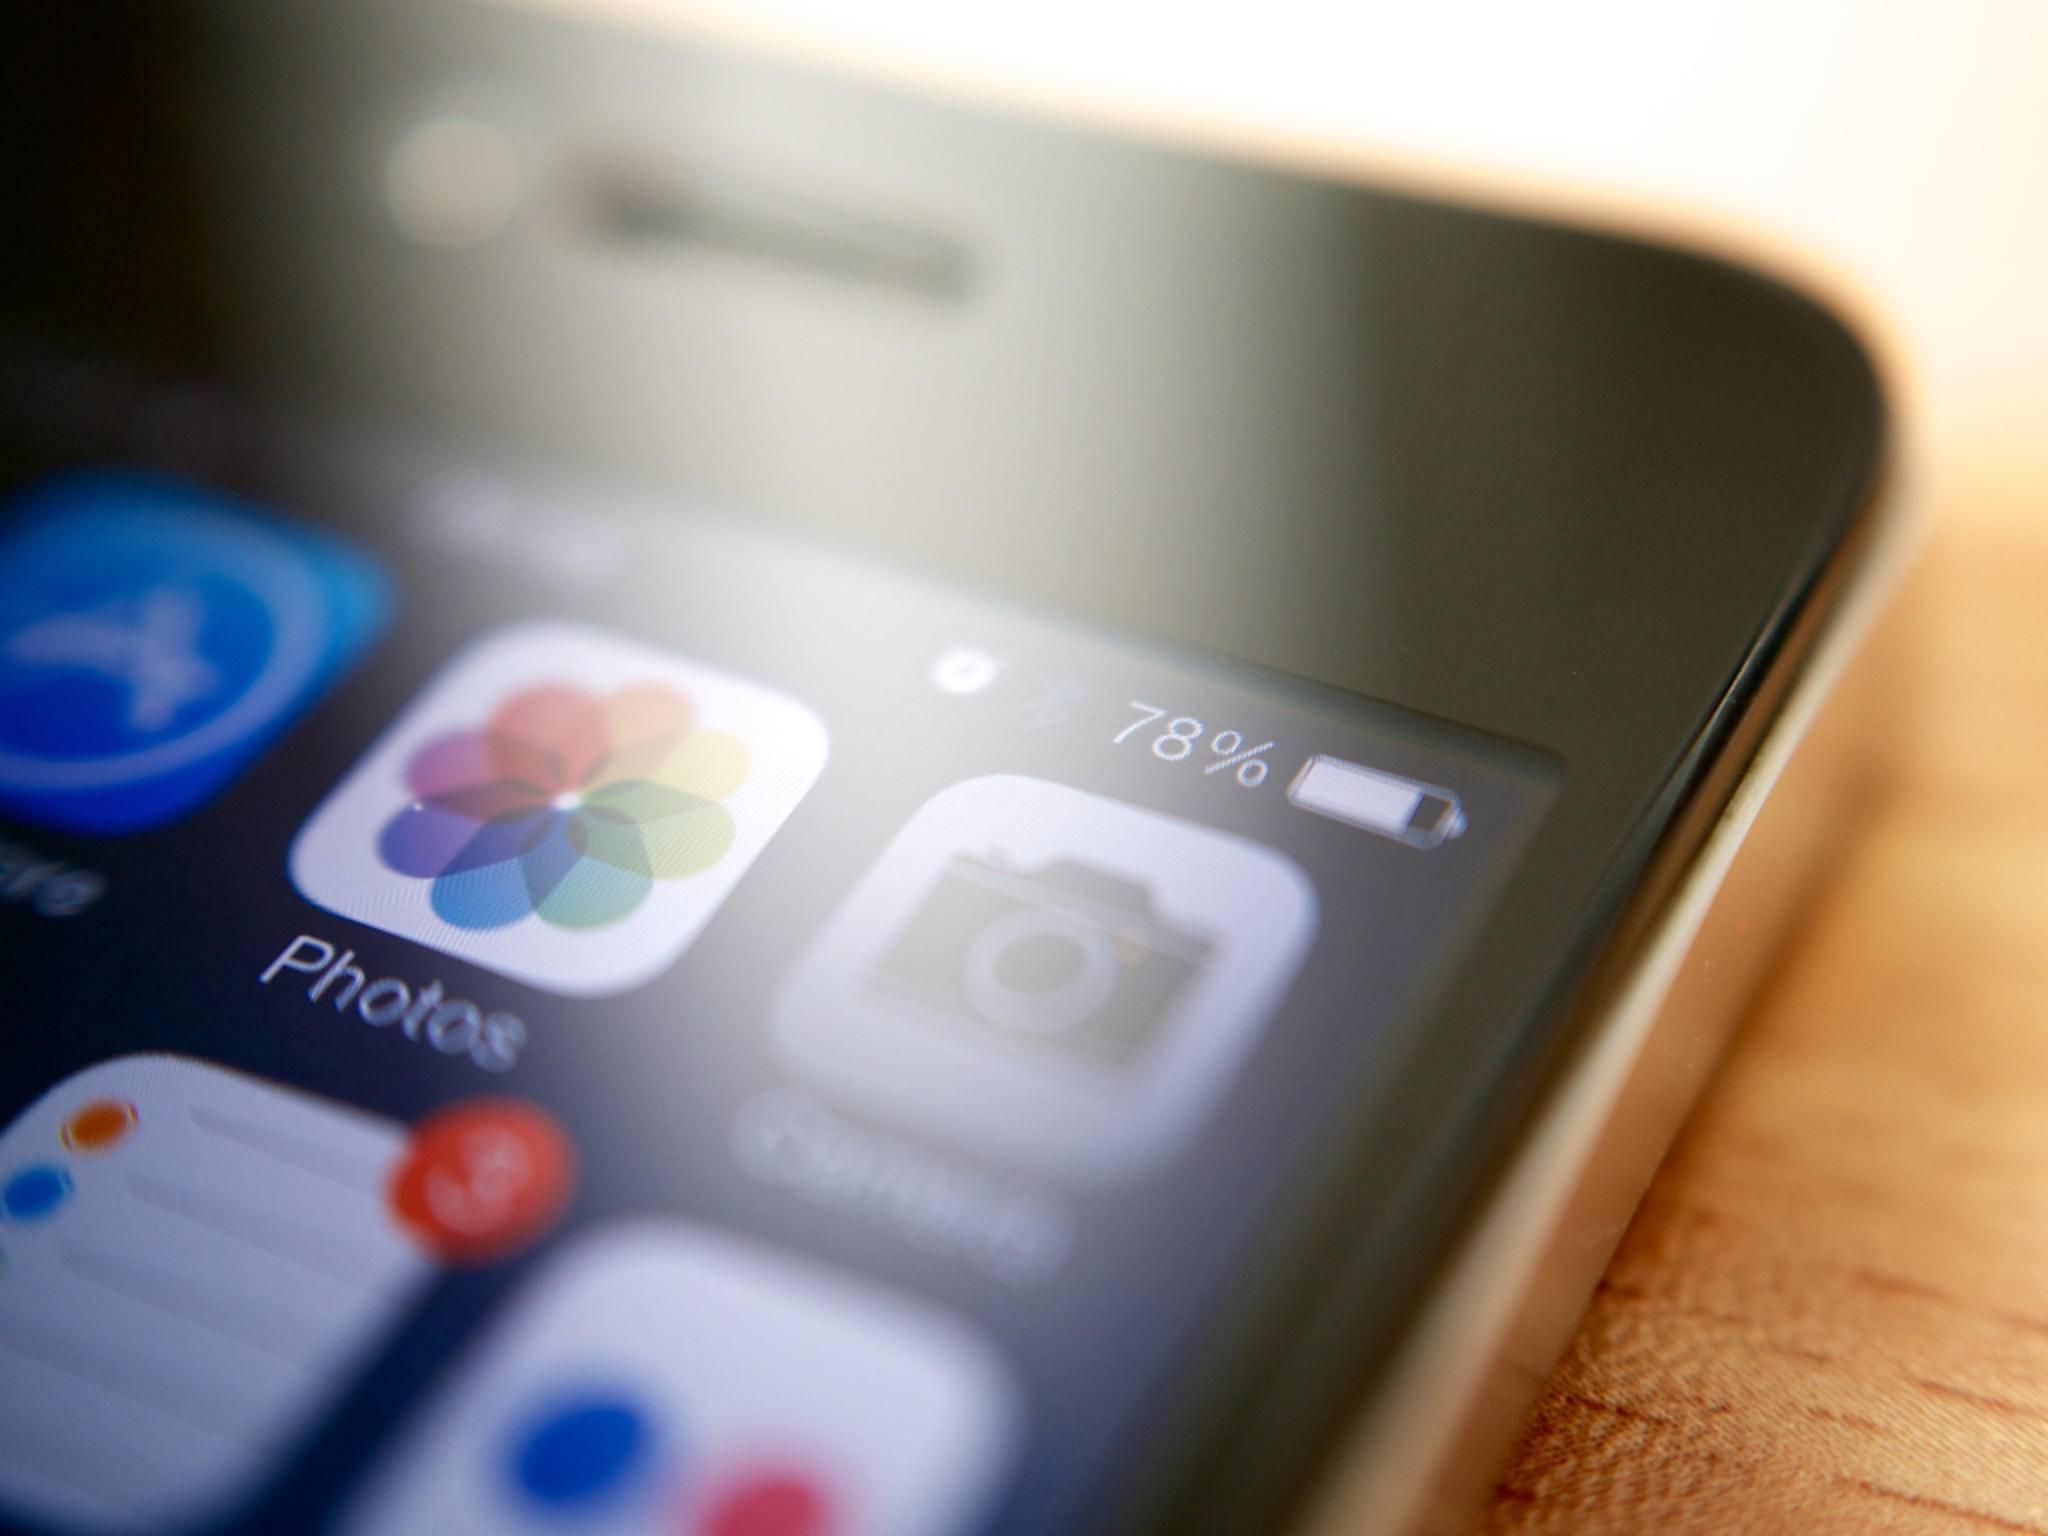 Bei der Akkulaufzeit für das iPhone könnte das MacBook als Vorbild dienen.